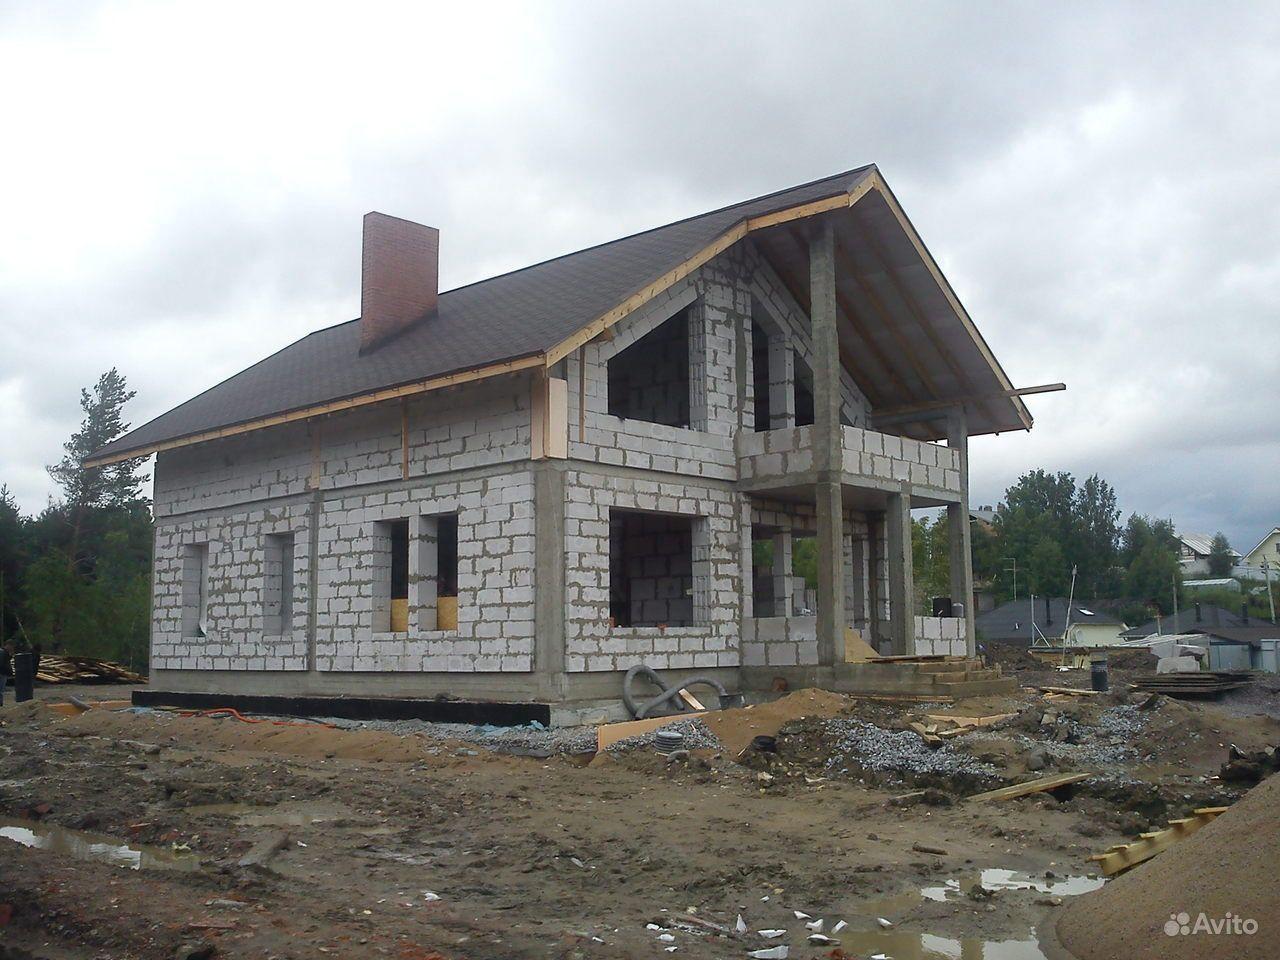 Монолитные работы, строительство купить на Вуёк.ру - фотография № 3